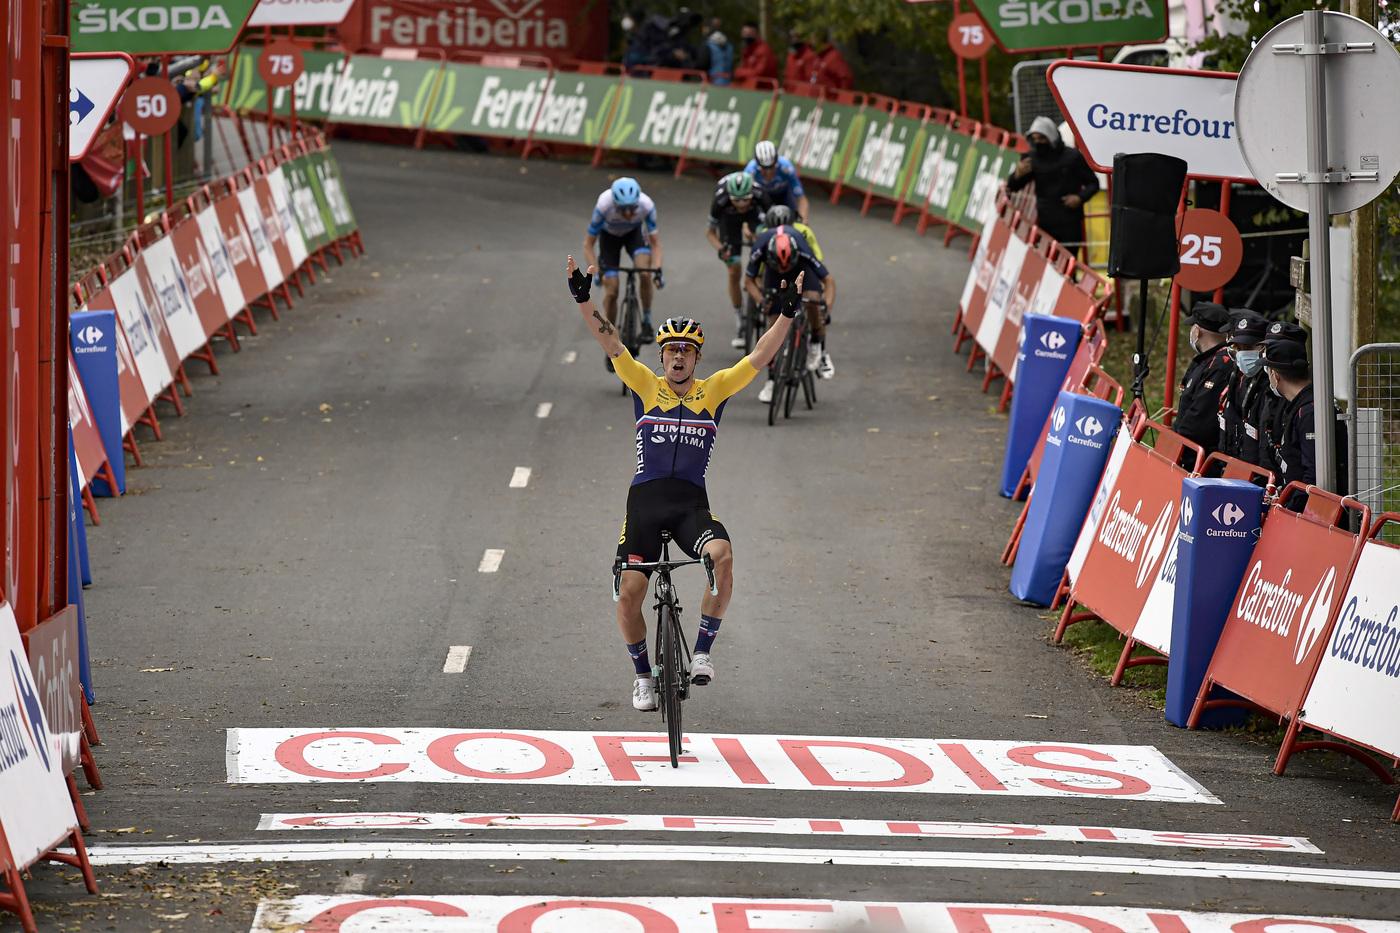 """Vuelta a España 2020, Primoz Roglic: """"E' bellissimo vincere. Non conoscevo l'ultima salita ho seguito le mie sensazioni"""""""